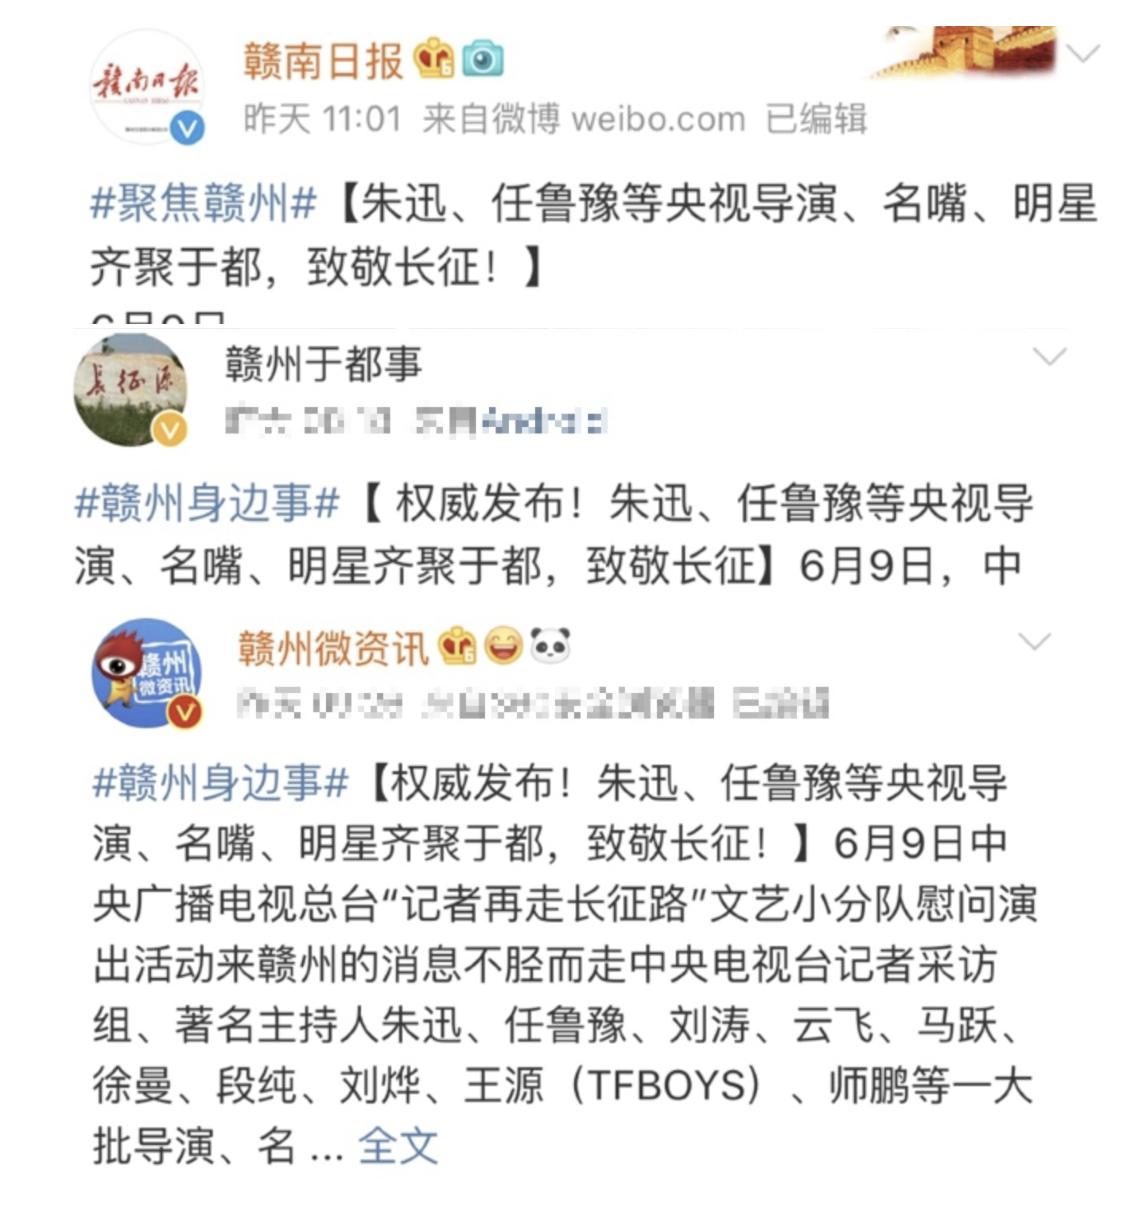 王源工作中偶遇刘涛,两人交流很开心,结束后从侧门低调离开